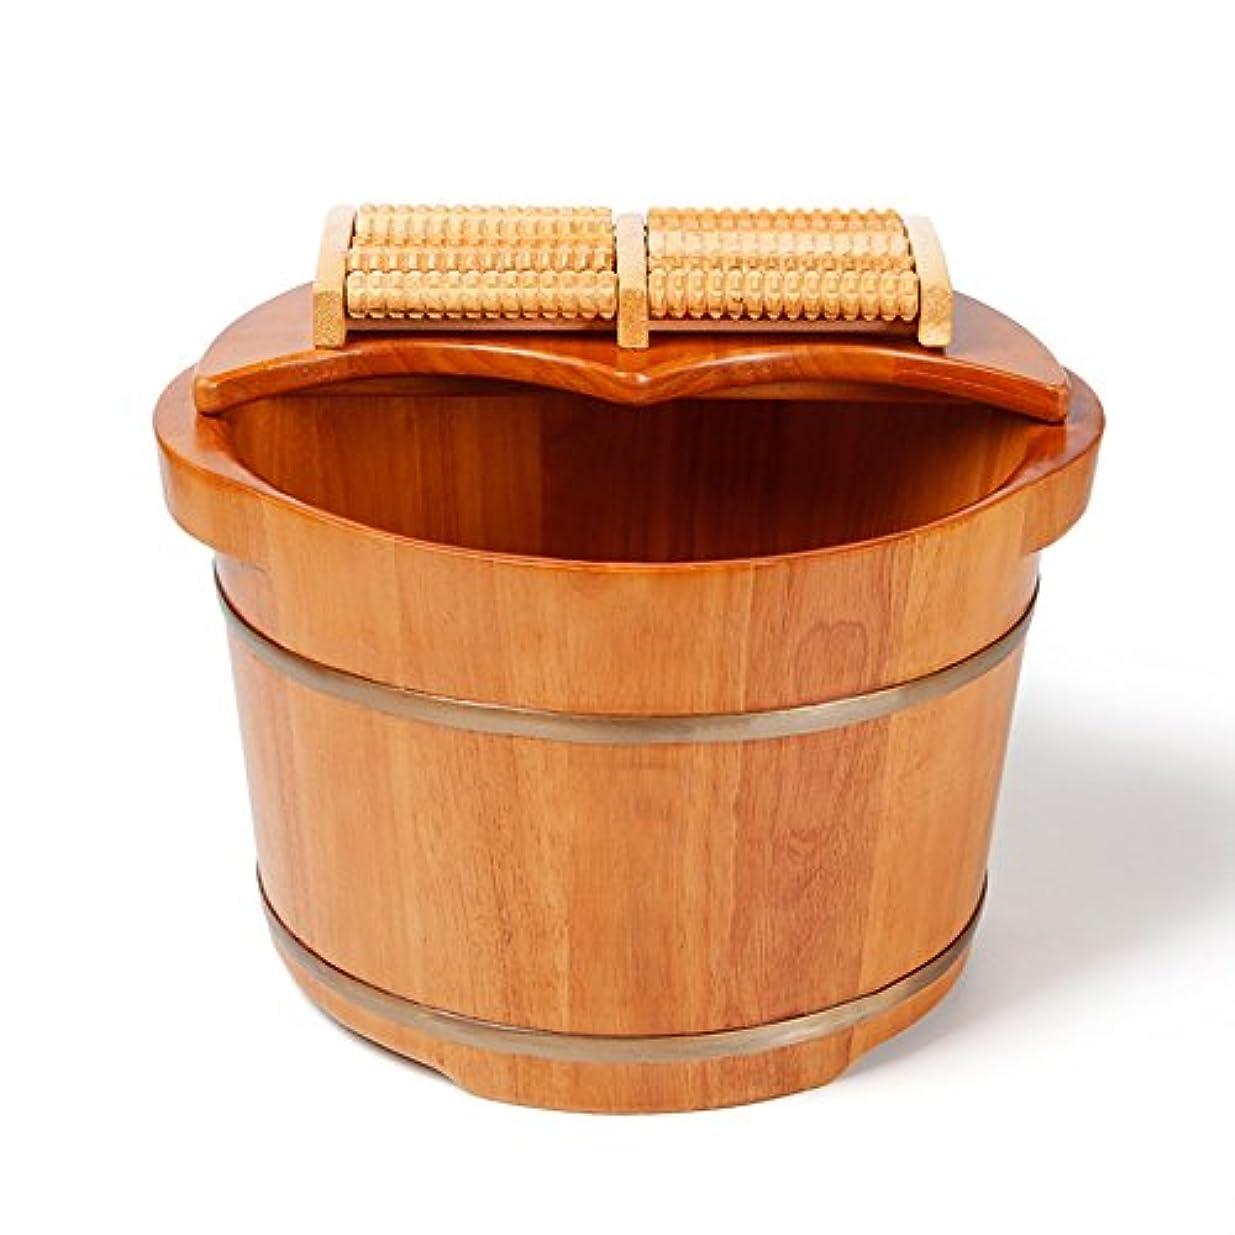 円周ウミウシブリードC&L 足の浴槽、木製の足の洗面器足のバレルの足のマッサージの足の洗面器カバーの足の浴槽38 * 31 * 26cm ( サイズ さいず : 38*31*26cm )